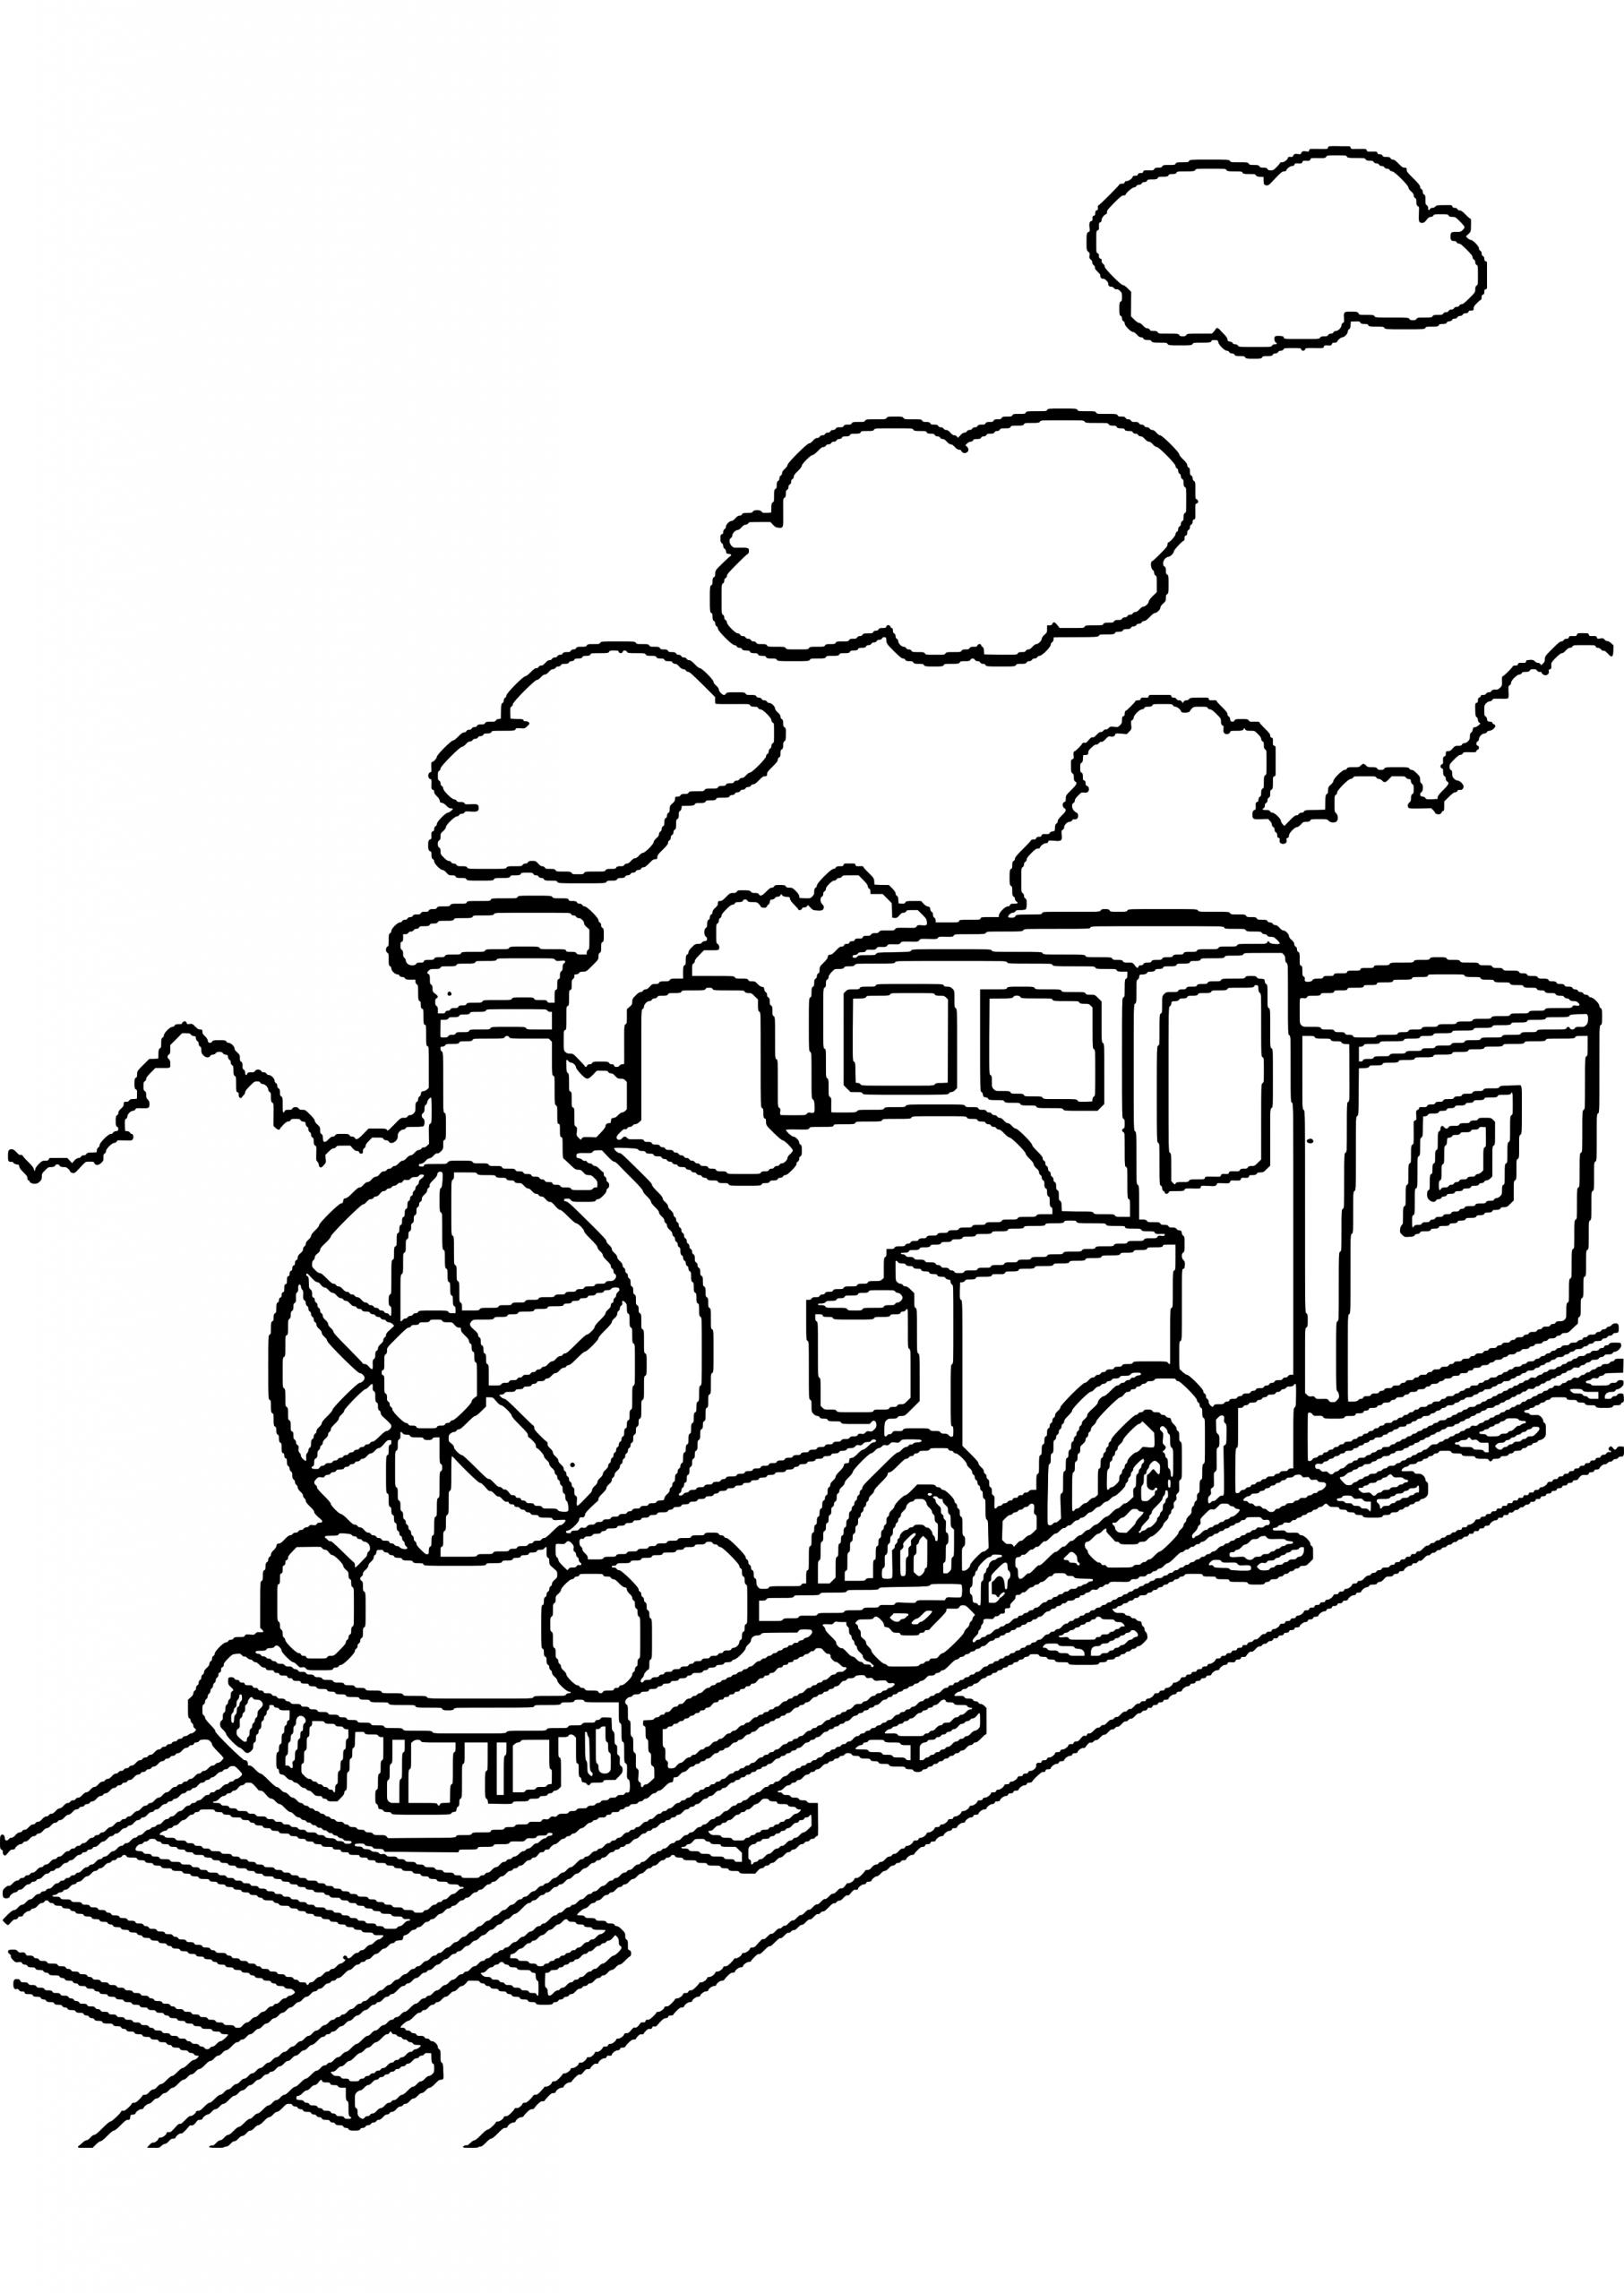 9 Beste Zug Ausmalbilder Kostenlos Zum Ausdrucken verwandt mit Ausmalbild Zug